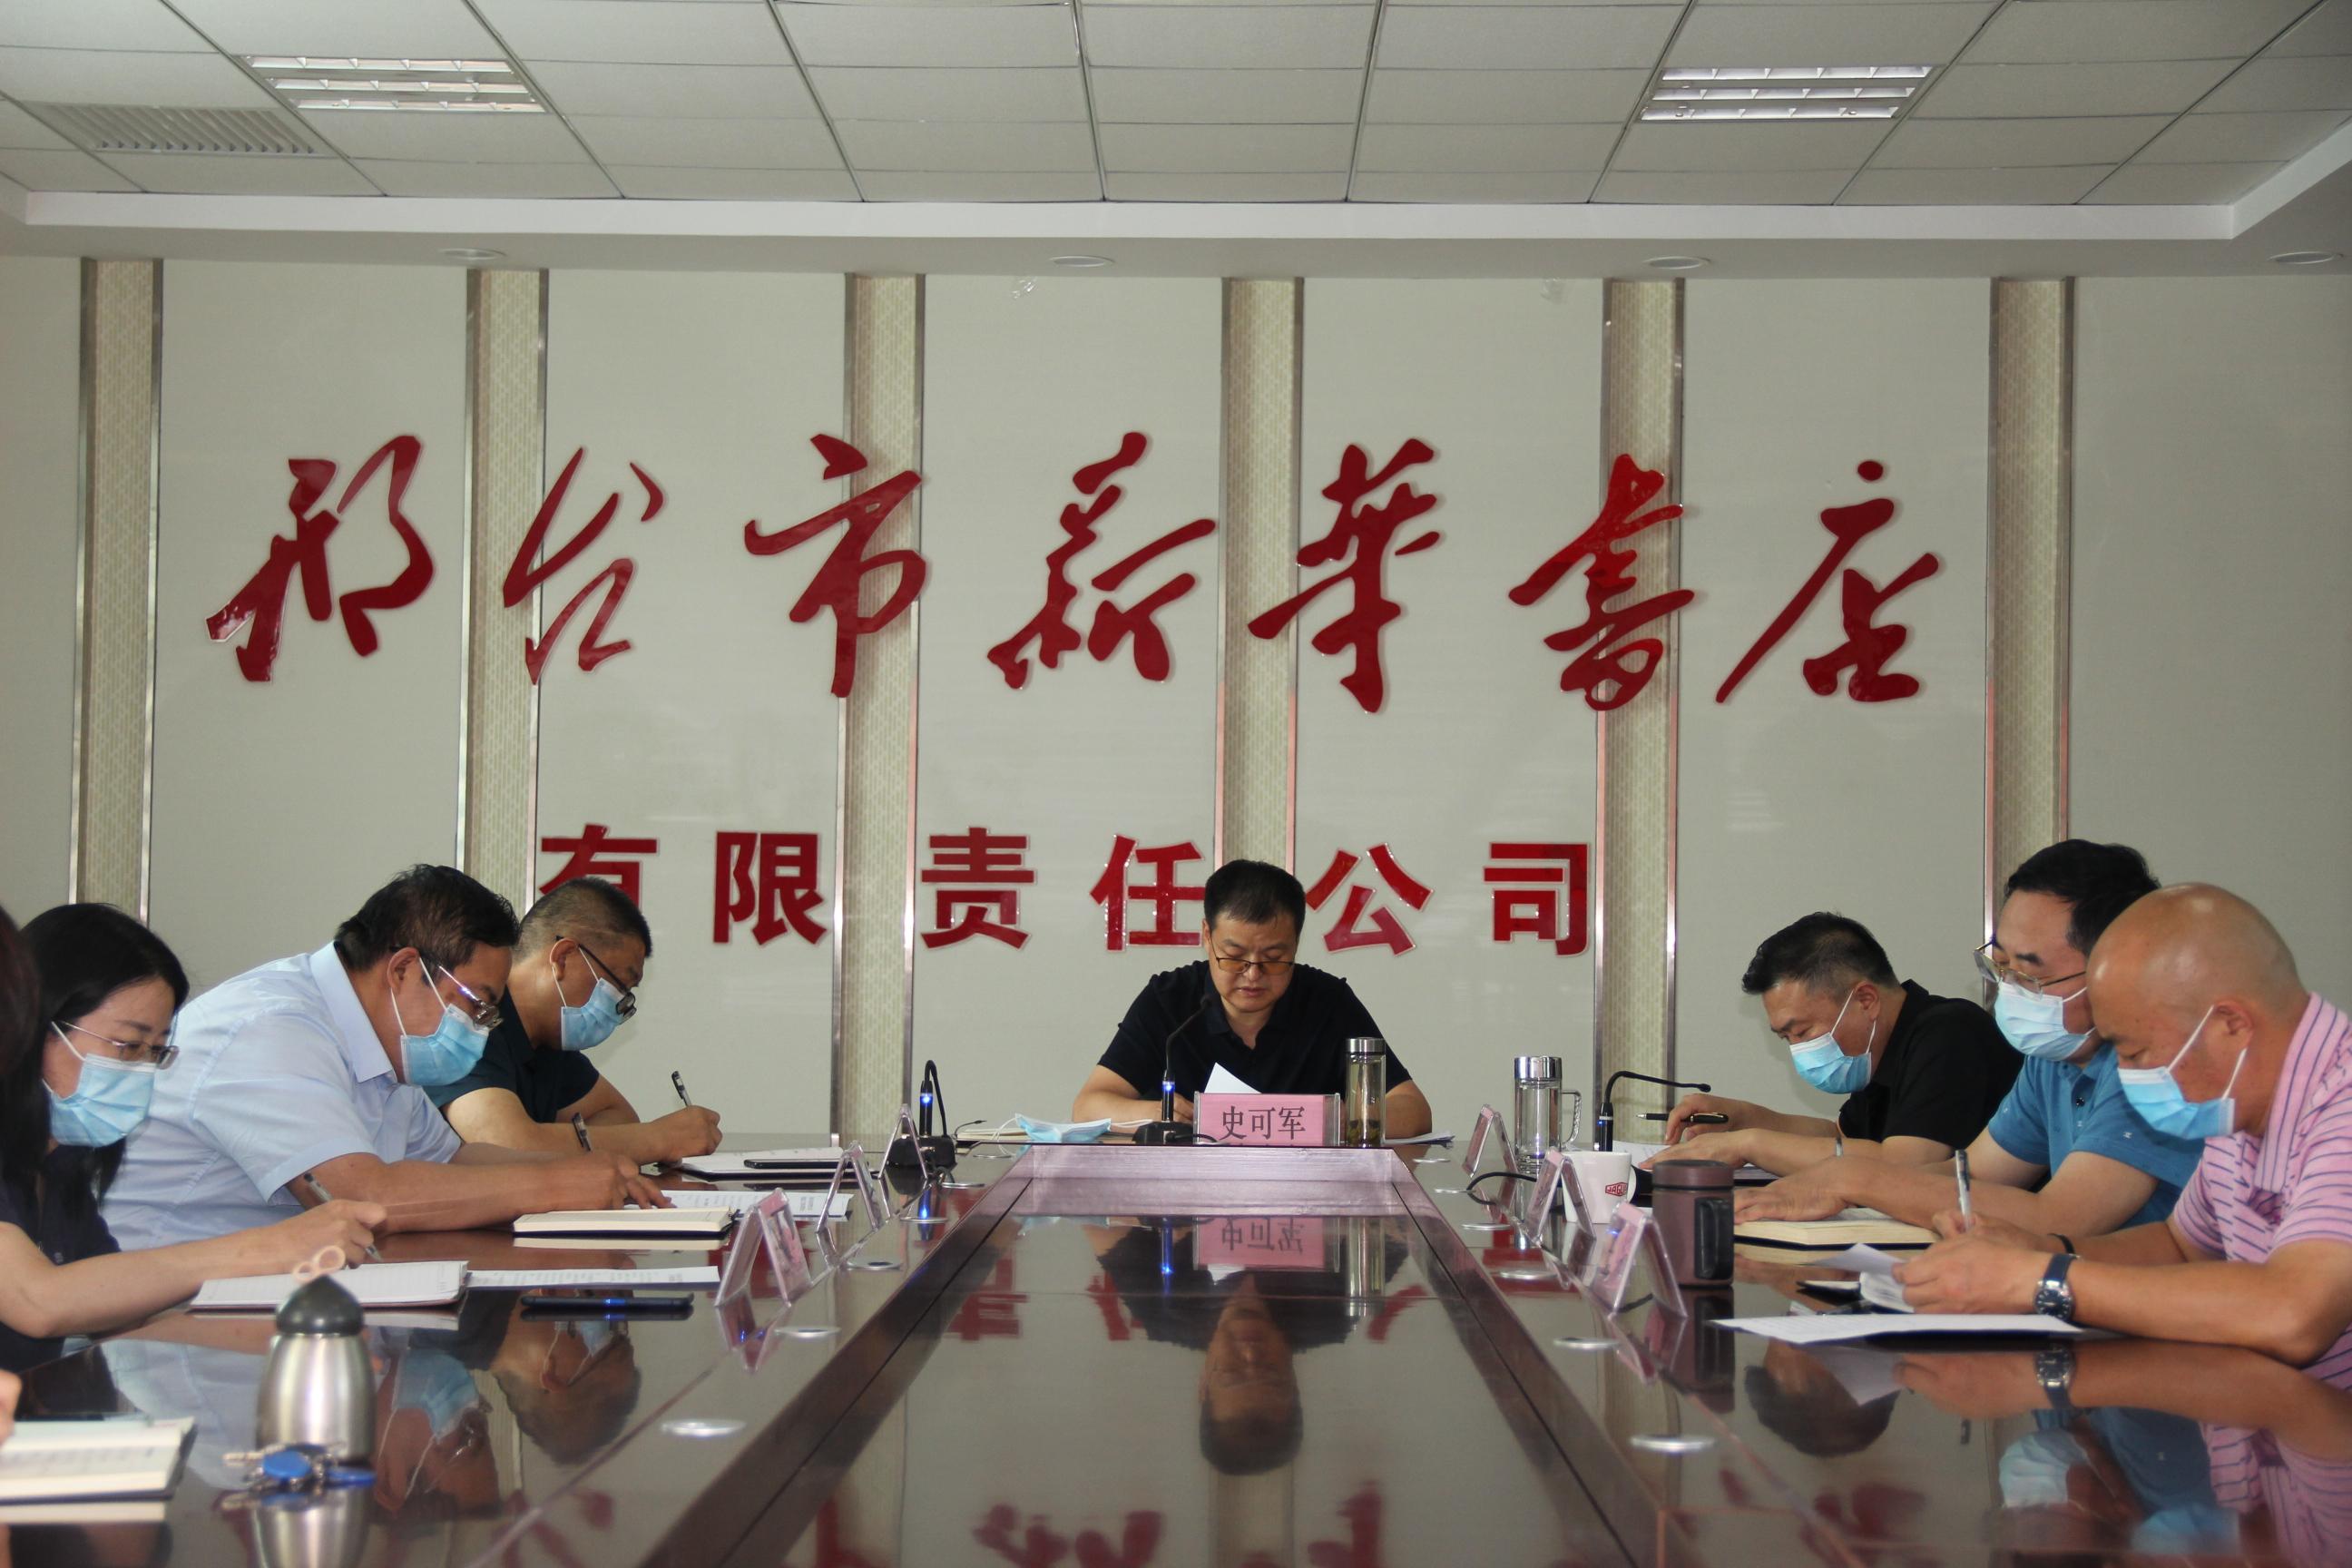 邢台市店:项目化实施重点工作 推进高质量赶超发展